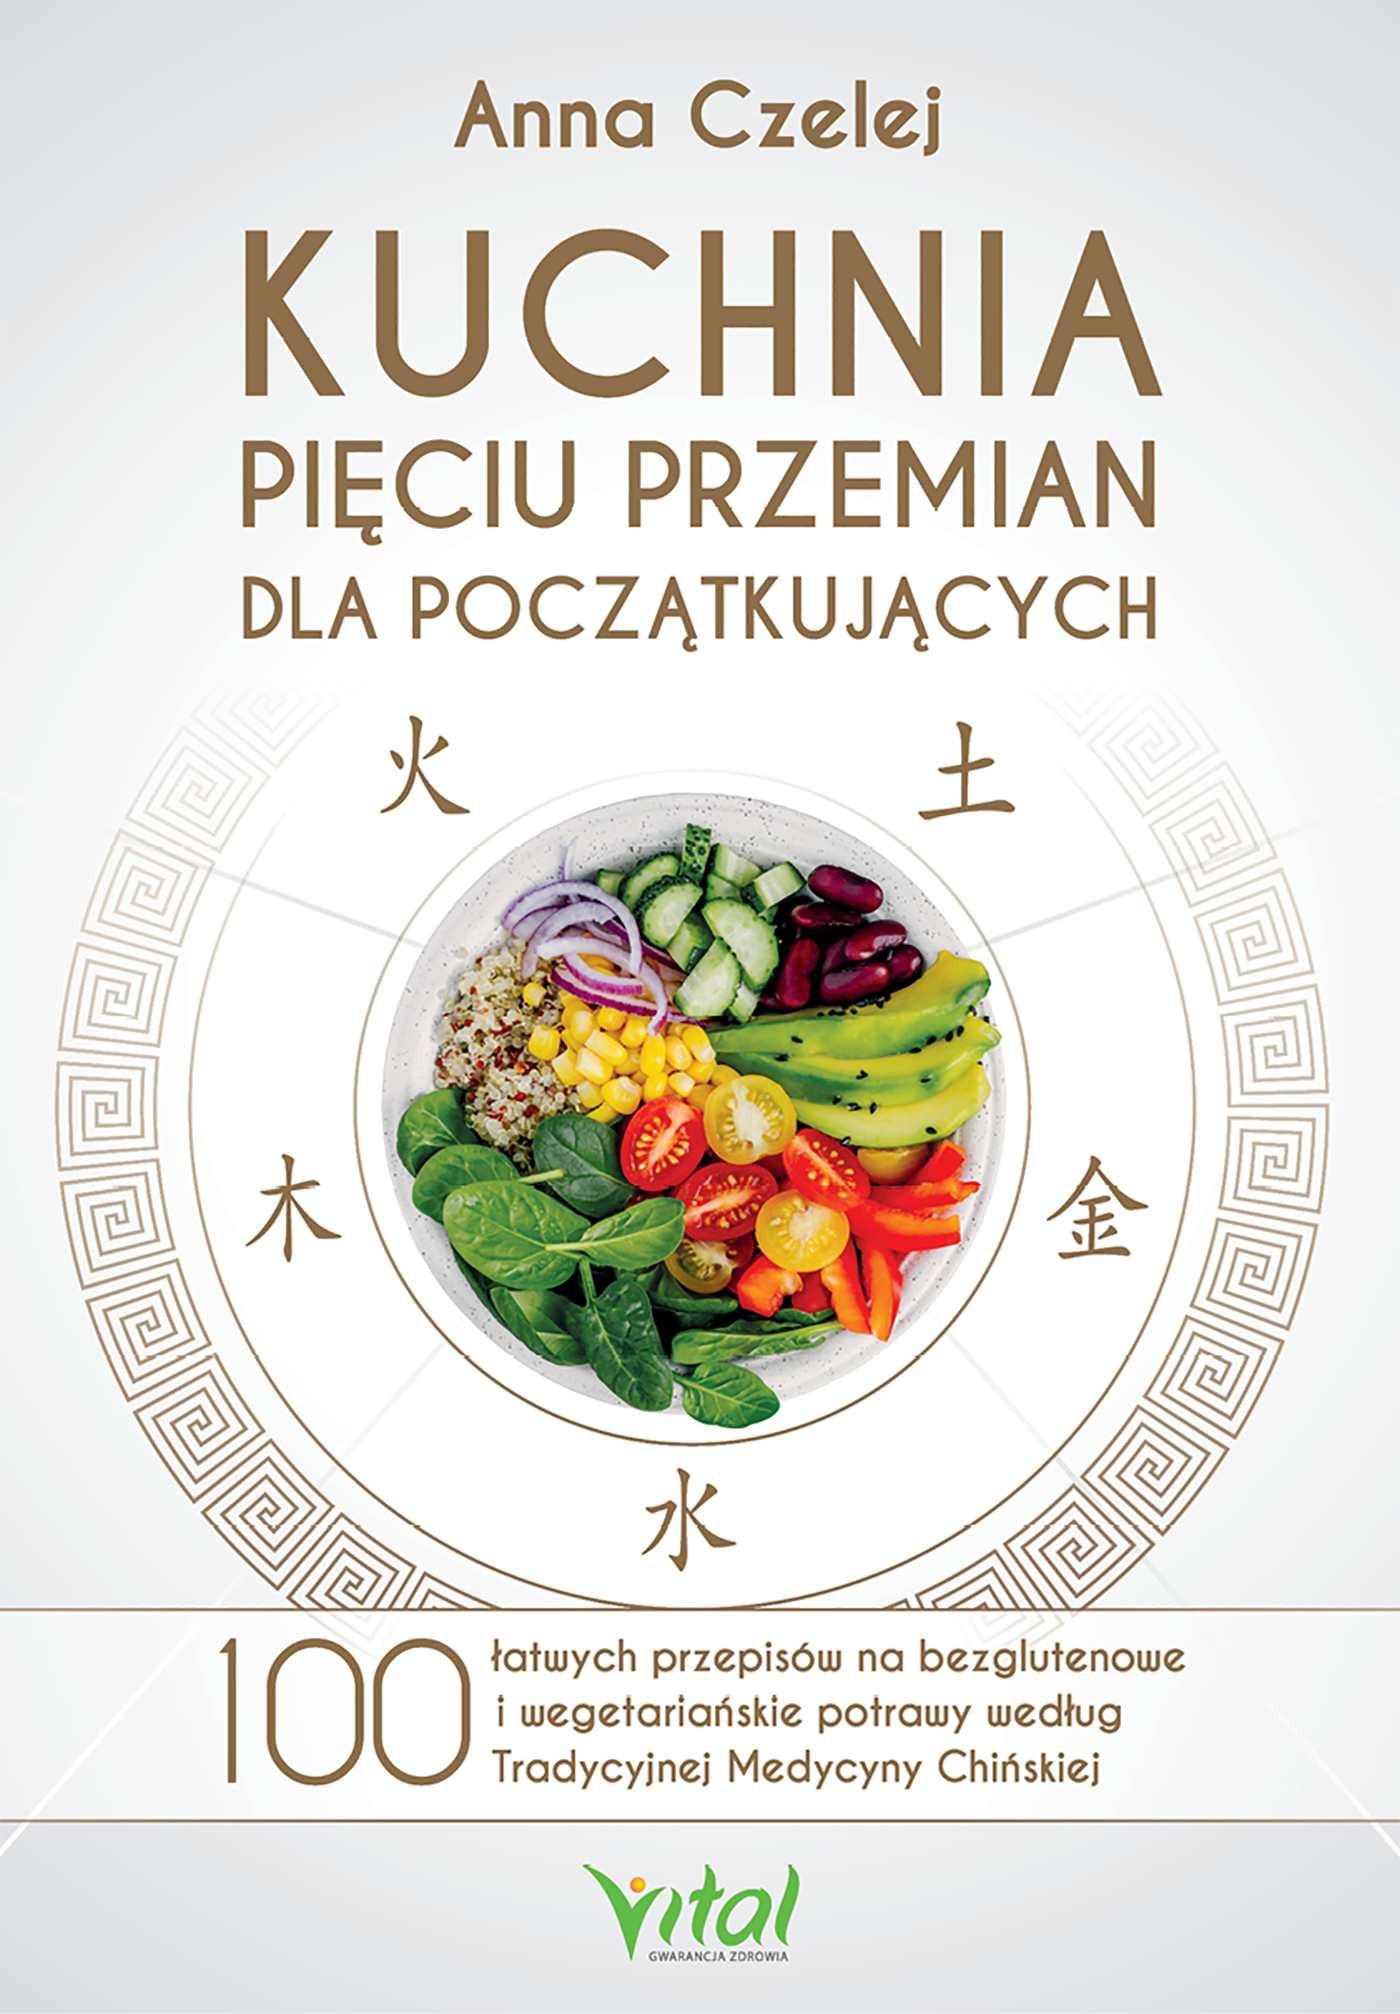 Kuchnia Pieciu Przemian Dla Poczatkujacych 100 Latwych Przepisow Na Bezglutenowe I Wegetarianskie Potrawy Wedlug Tradycyjnej M Vitalni24 Pl